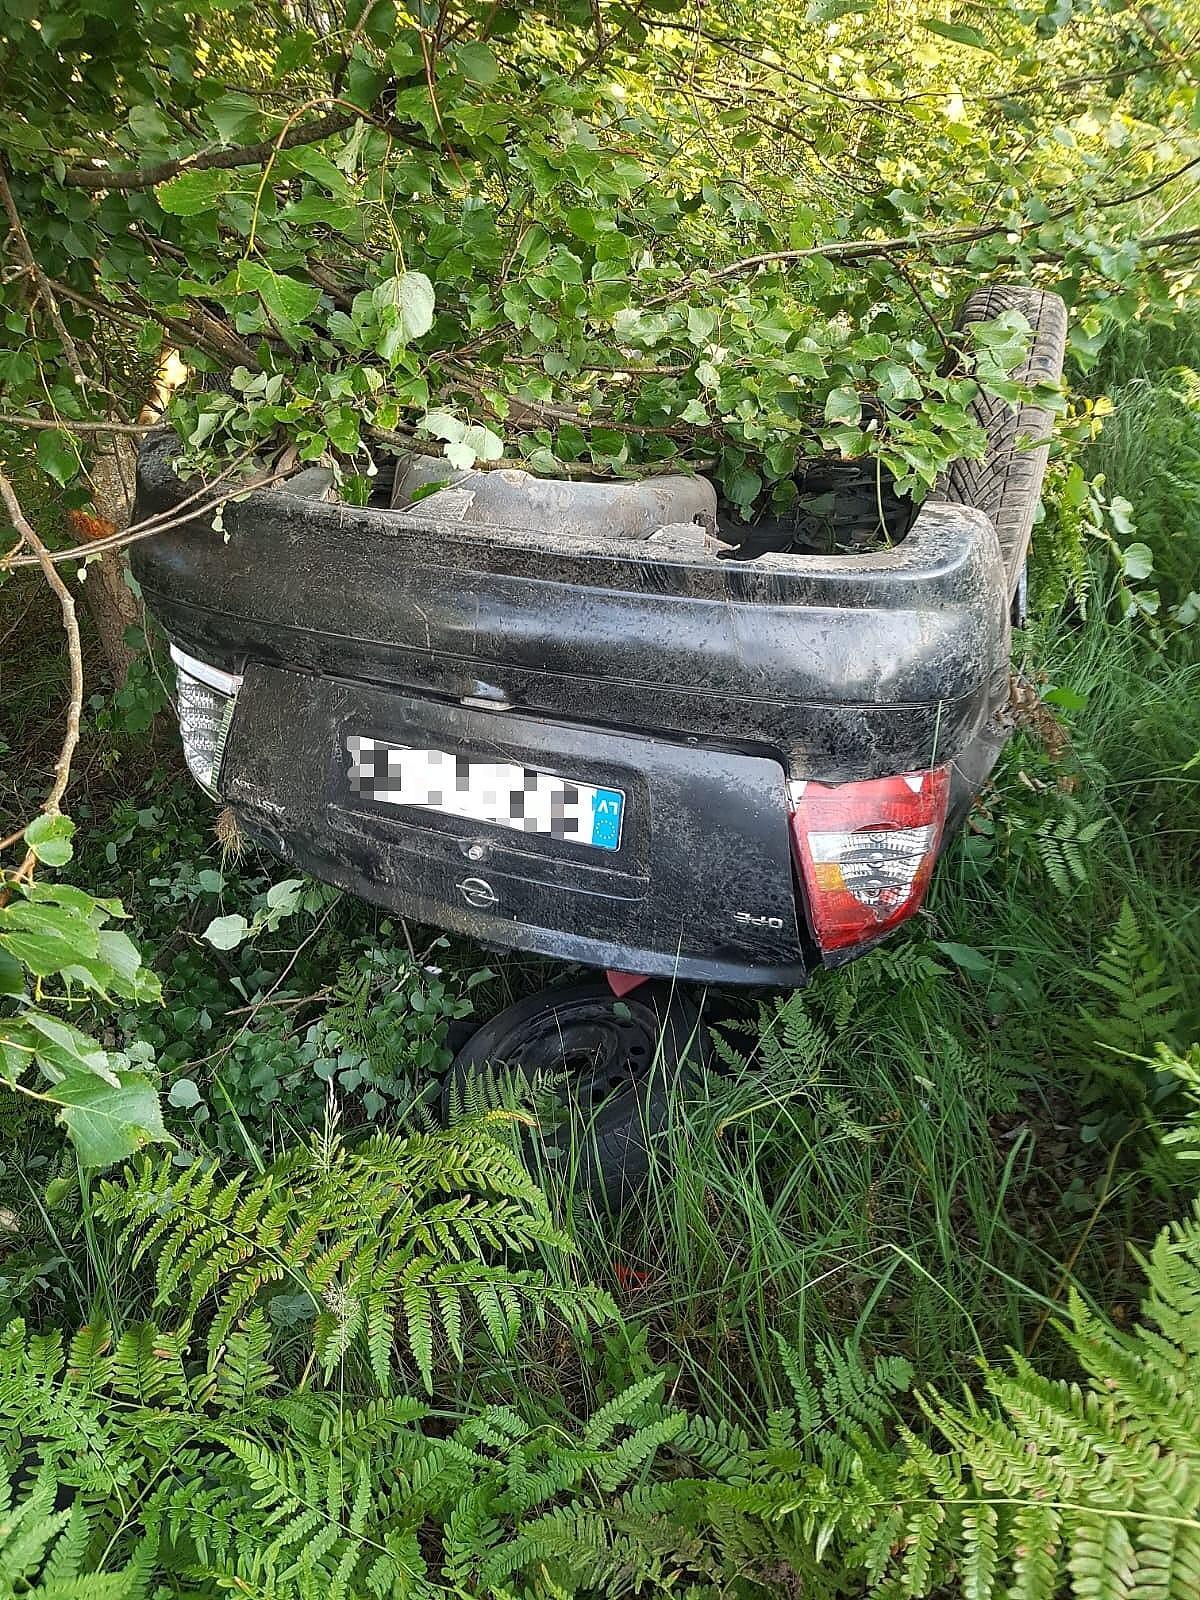 Joprojām izmeklē avāriju uz Nīcas šosejas, kur cieta arī zīdainis